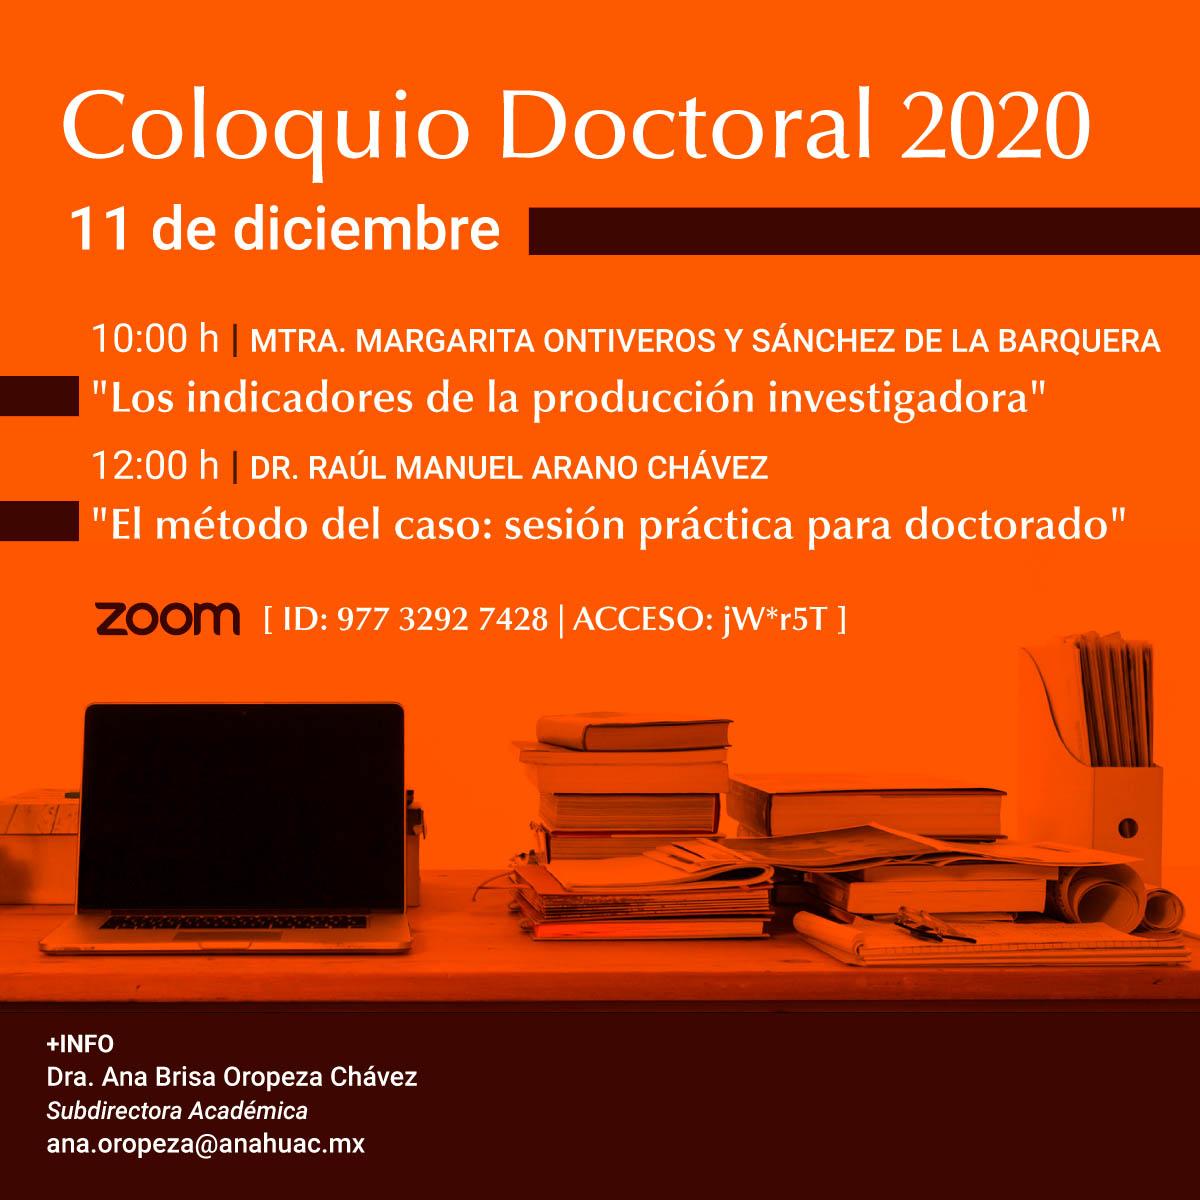 Coloquio Doctoral 2020